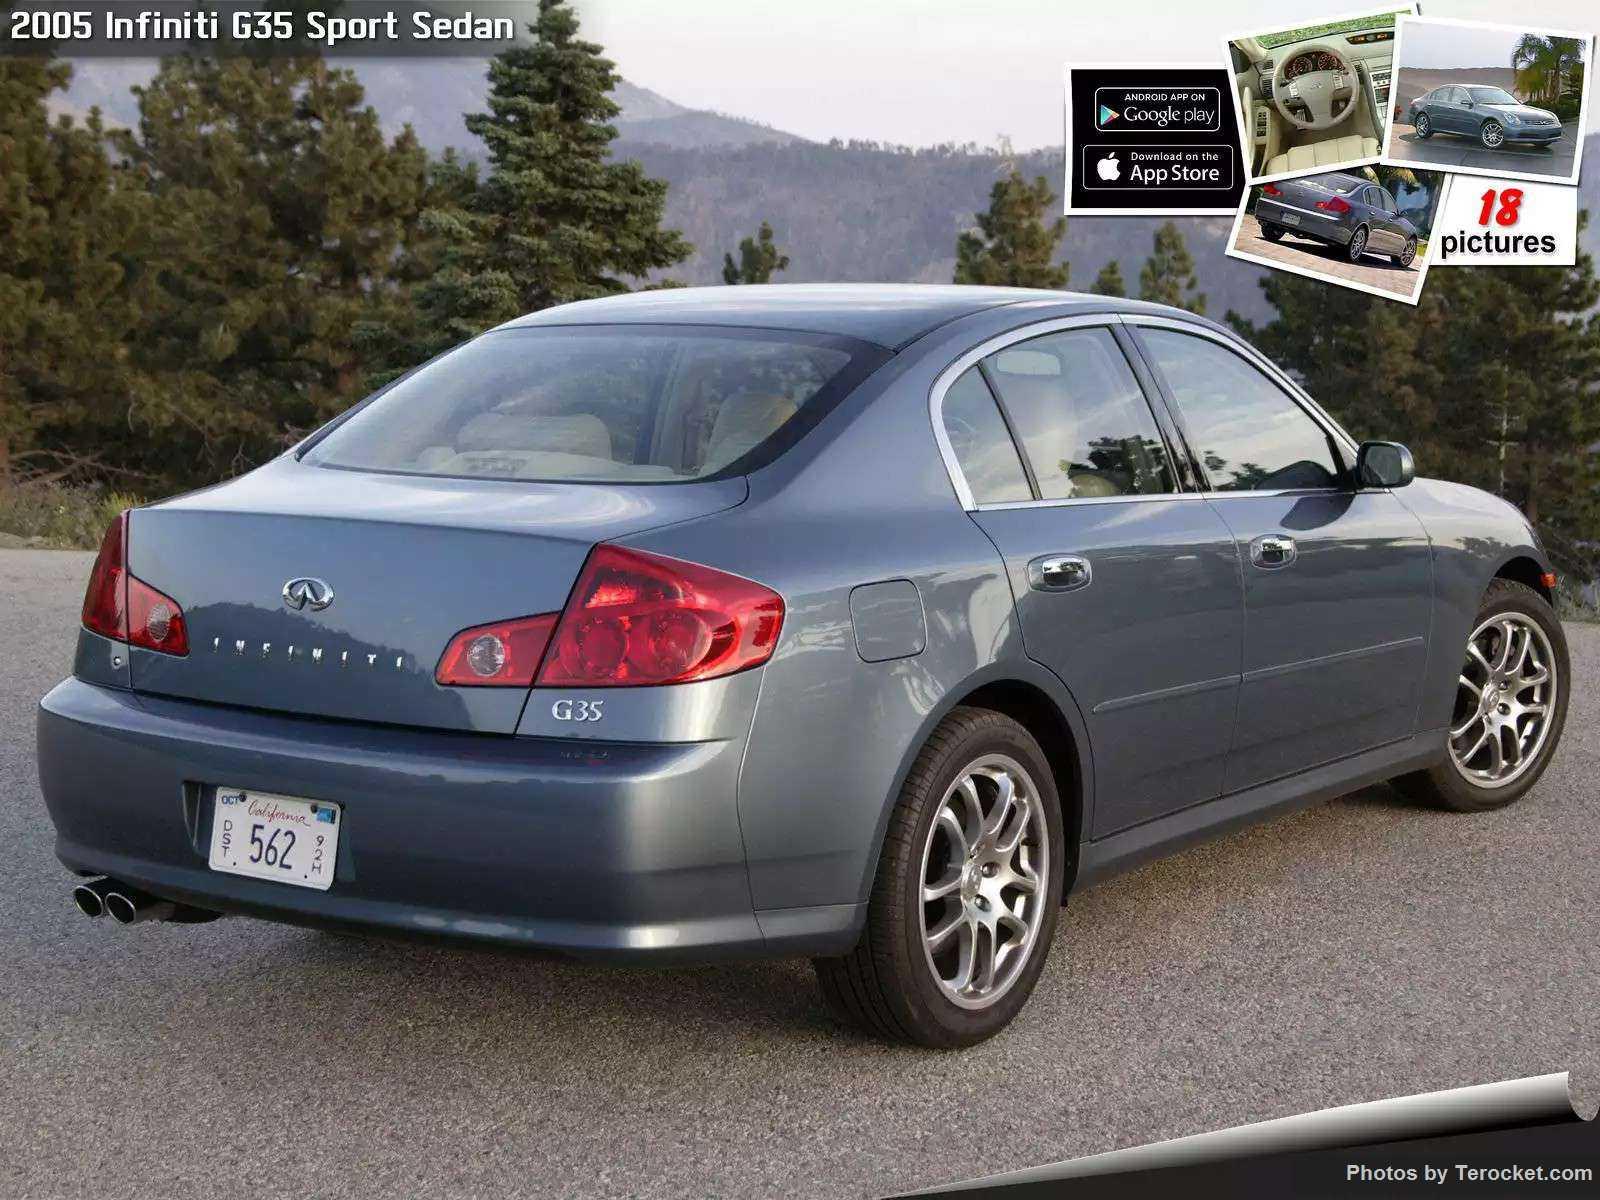 Hình ảnh xe ô tô Infiniti G35 Sport Sedan 2005 & nội ngoại thất